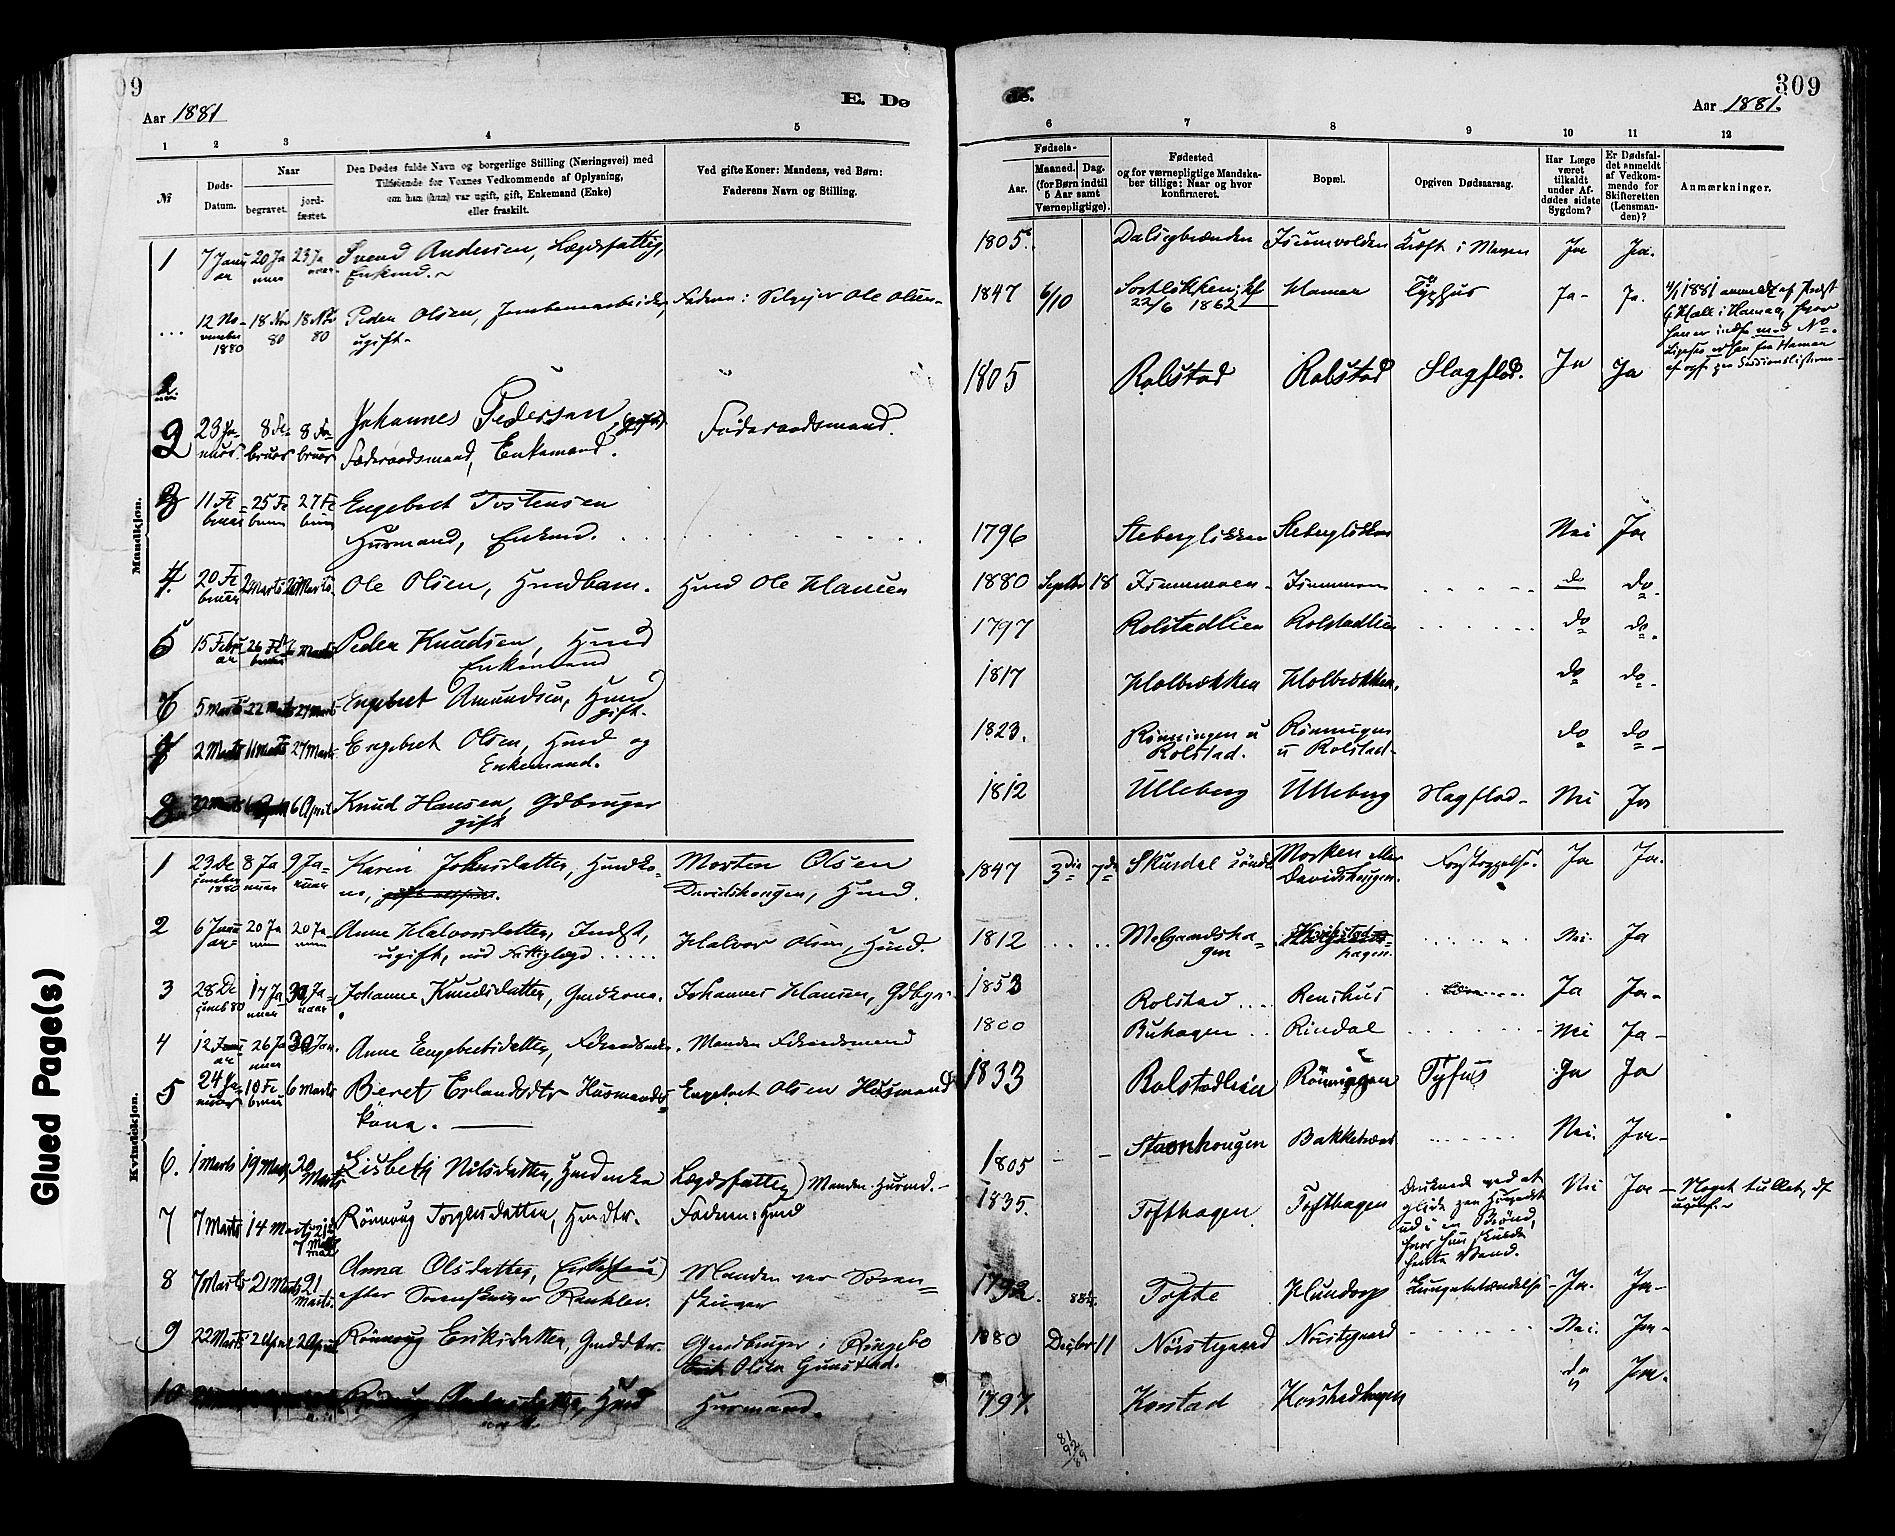 SAH, Sør-Fron prestekontor, H/Ha/Haa/L0003: Ministerialbok nr. 3, 1881-1897, s. 309